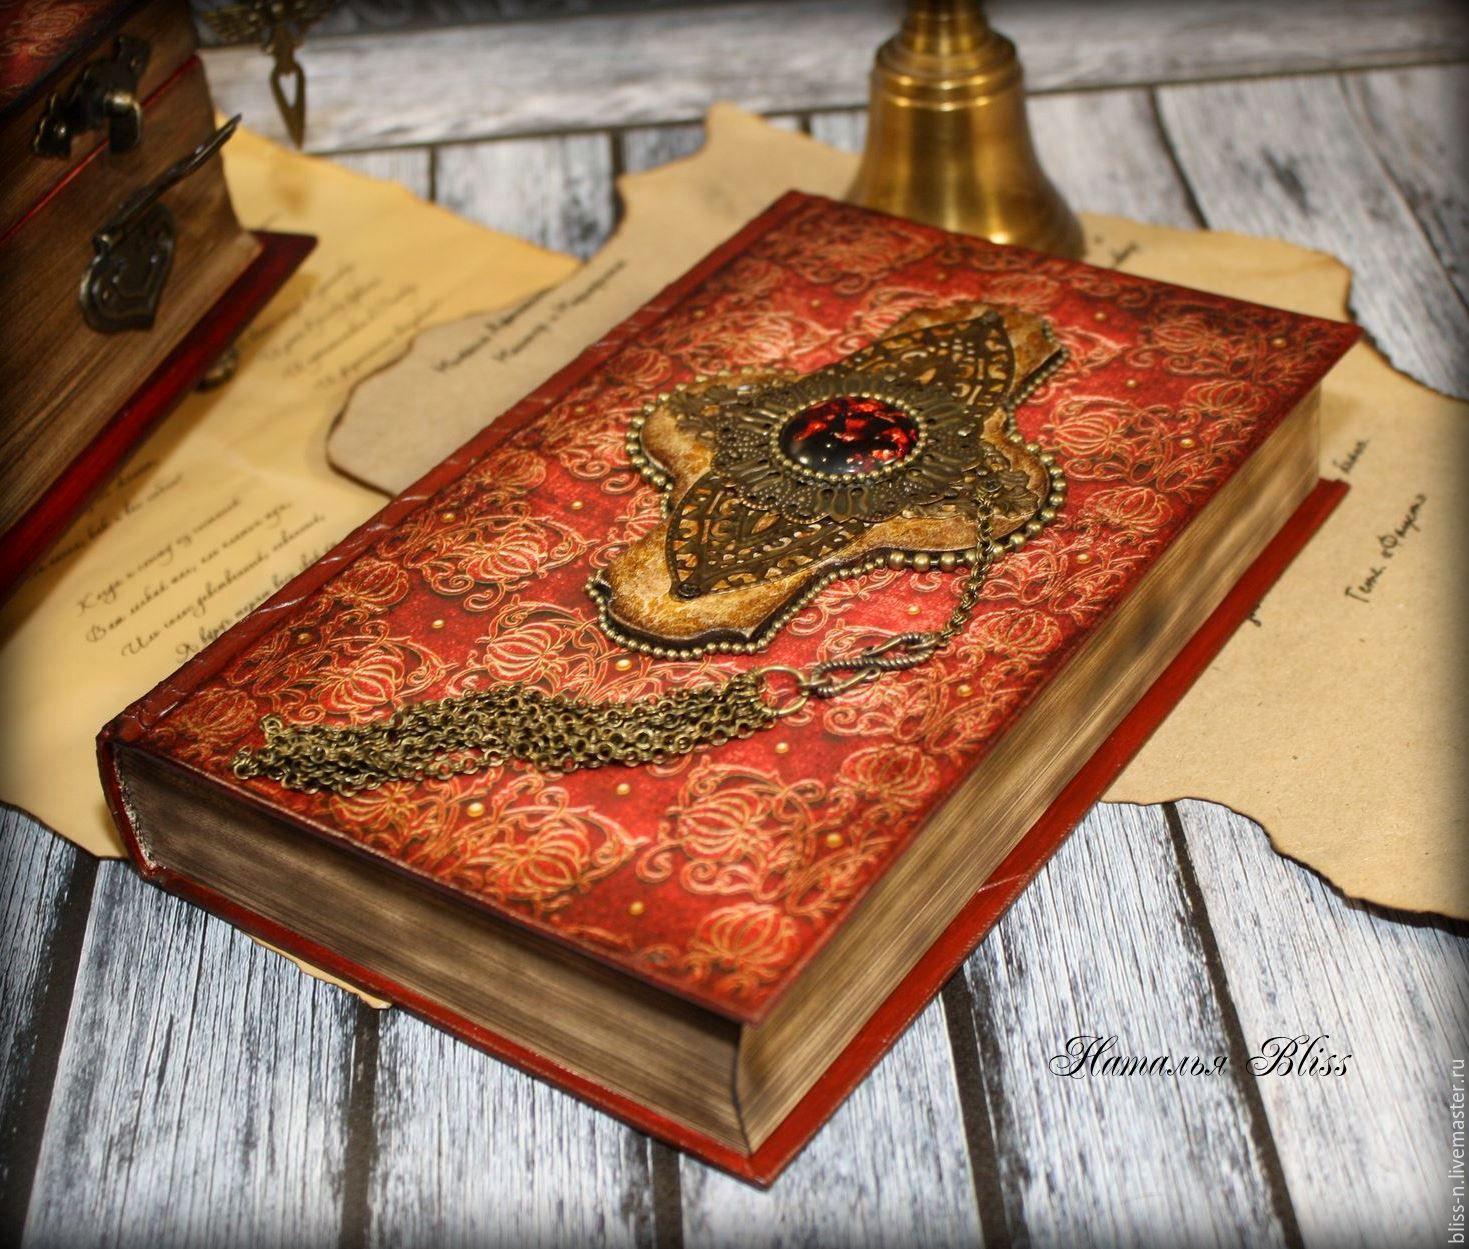 открытка старинной книги займет